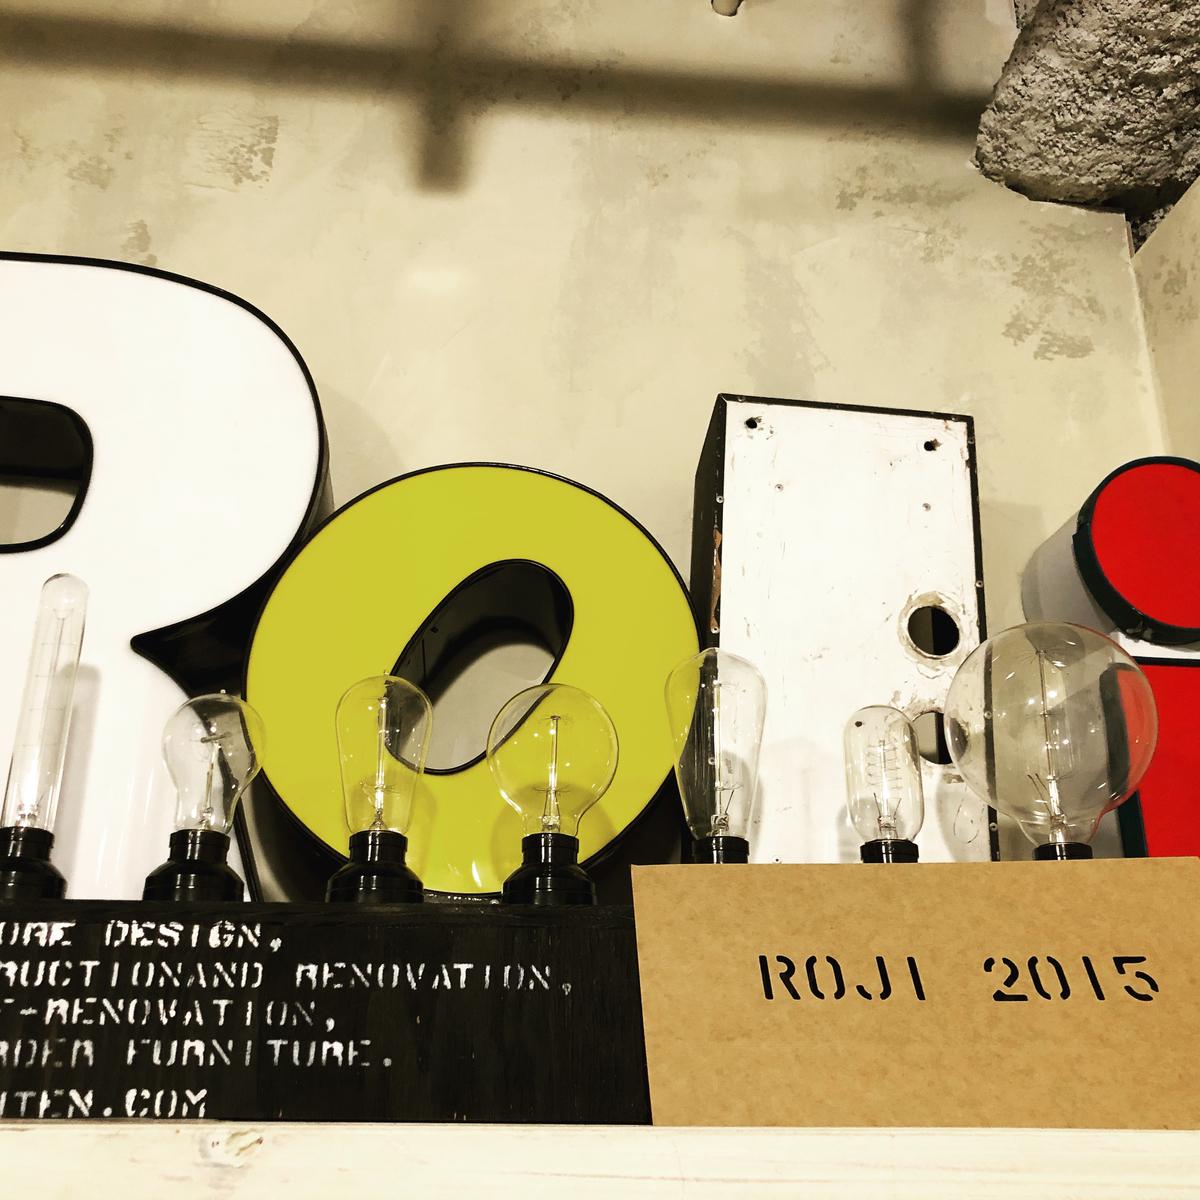 f:id:roji-news:20200111180412j:plain